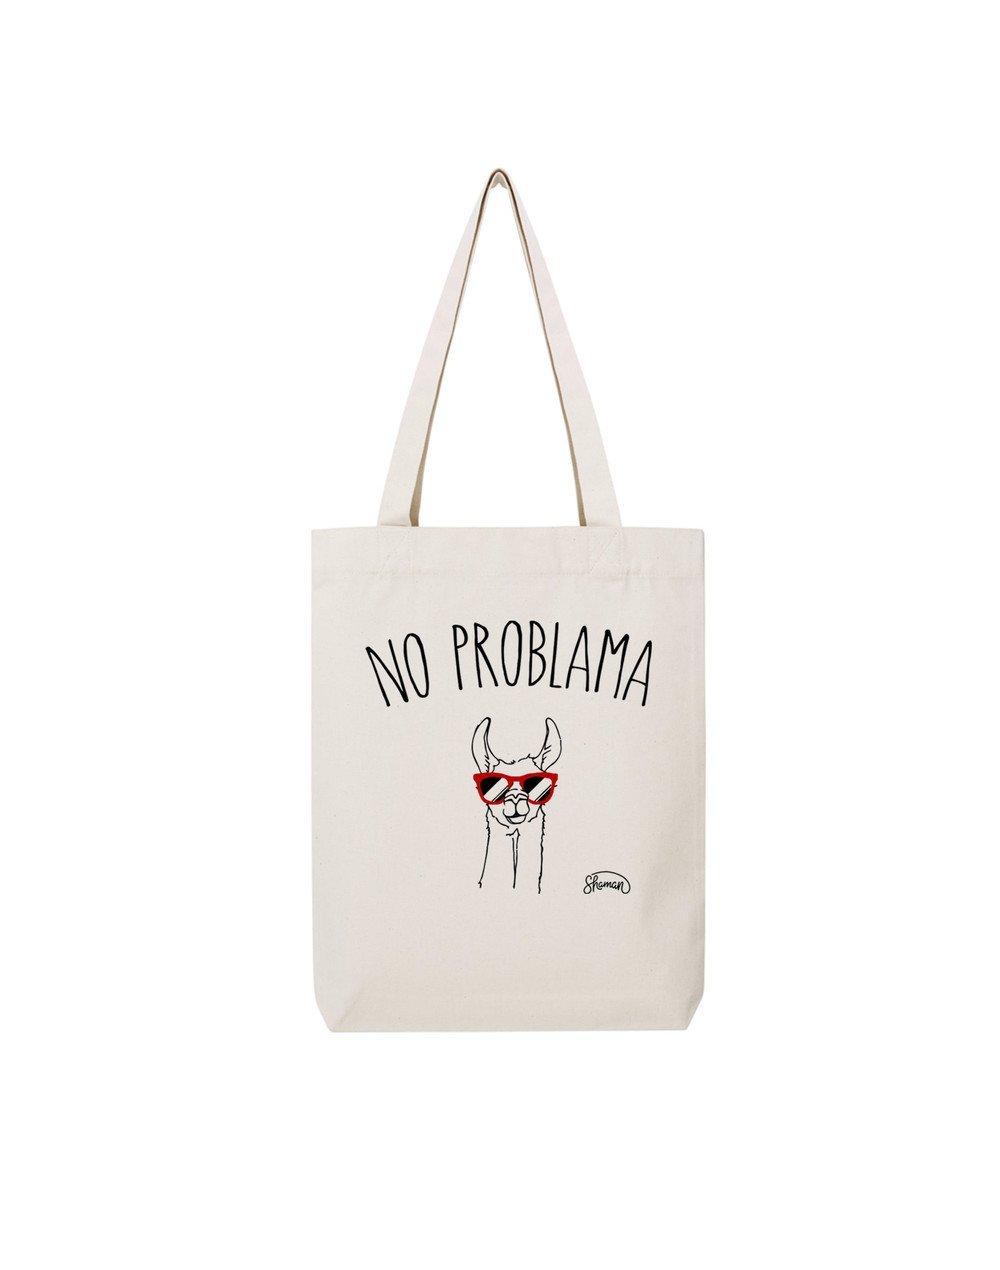 NO PROBLAMA - Tote Bag  Natural  en coton